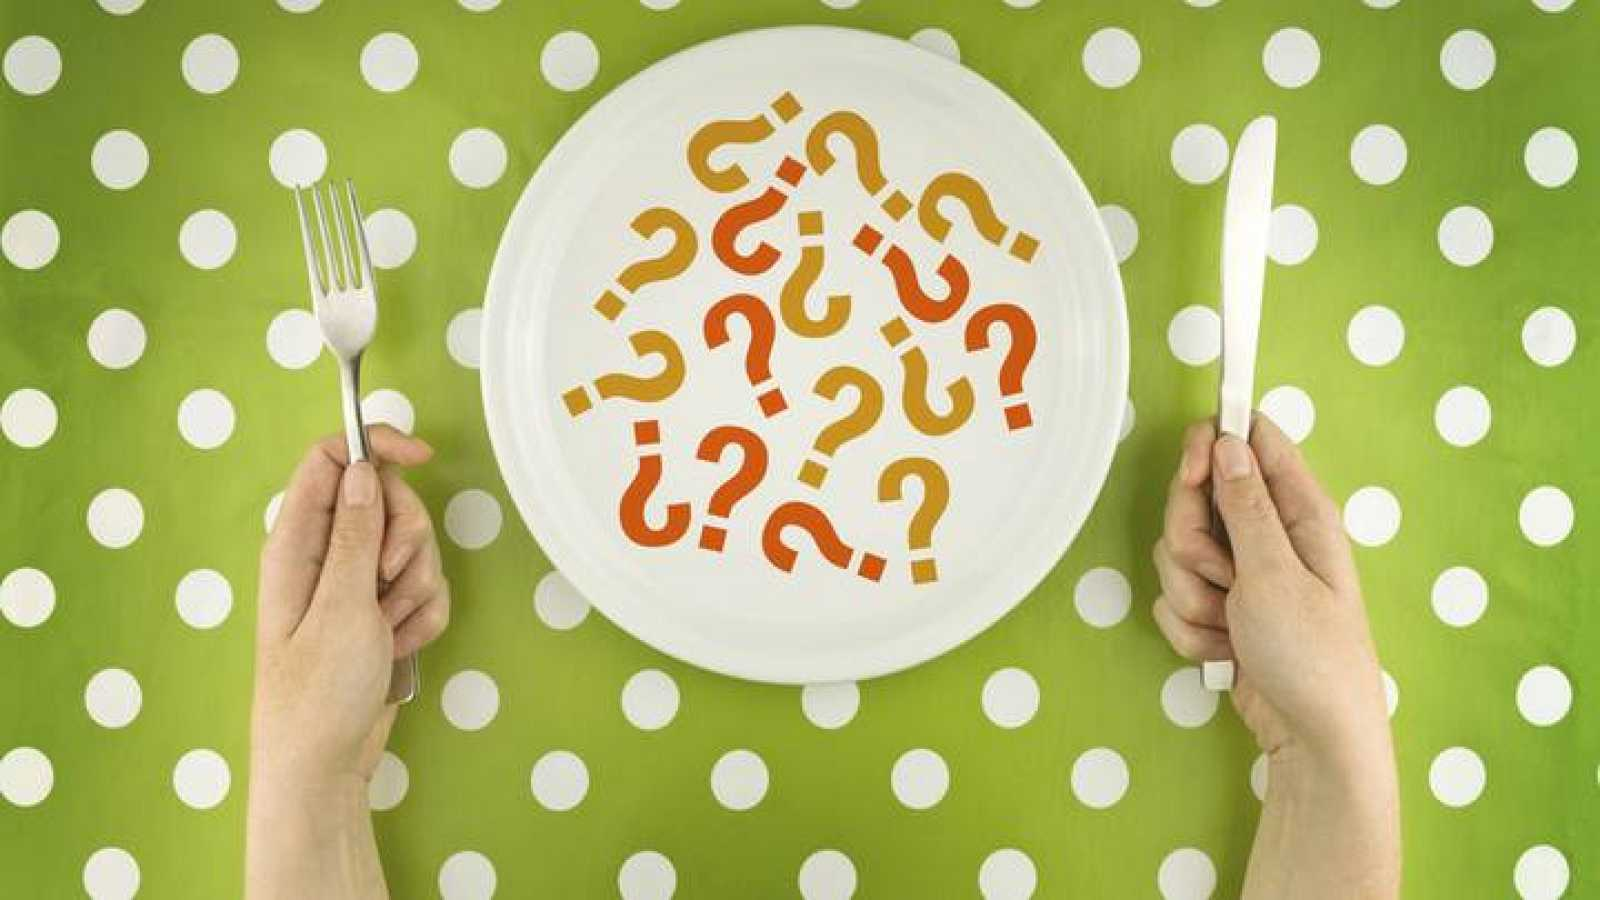 Mitos de la alimentación: ¿verdadero o falso?